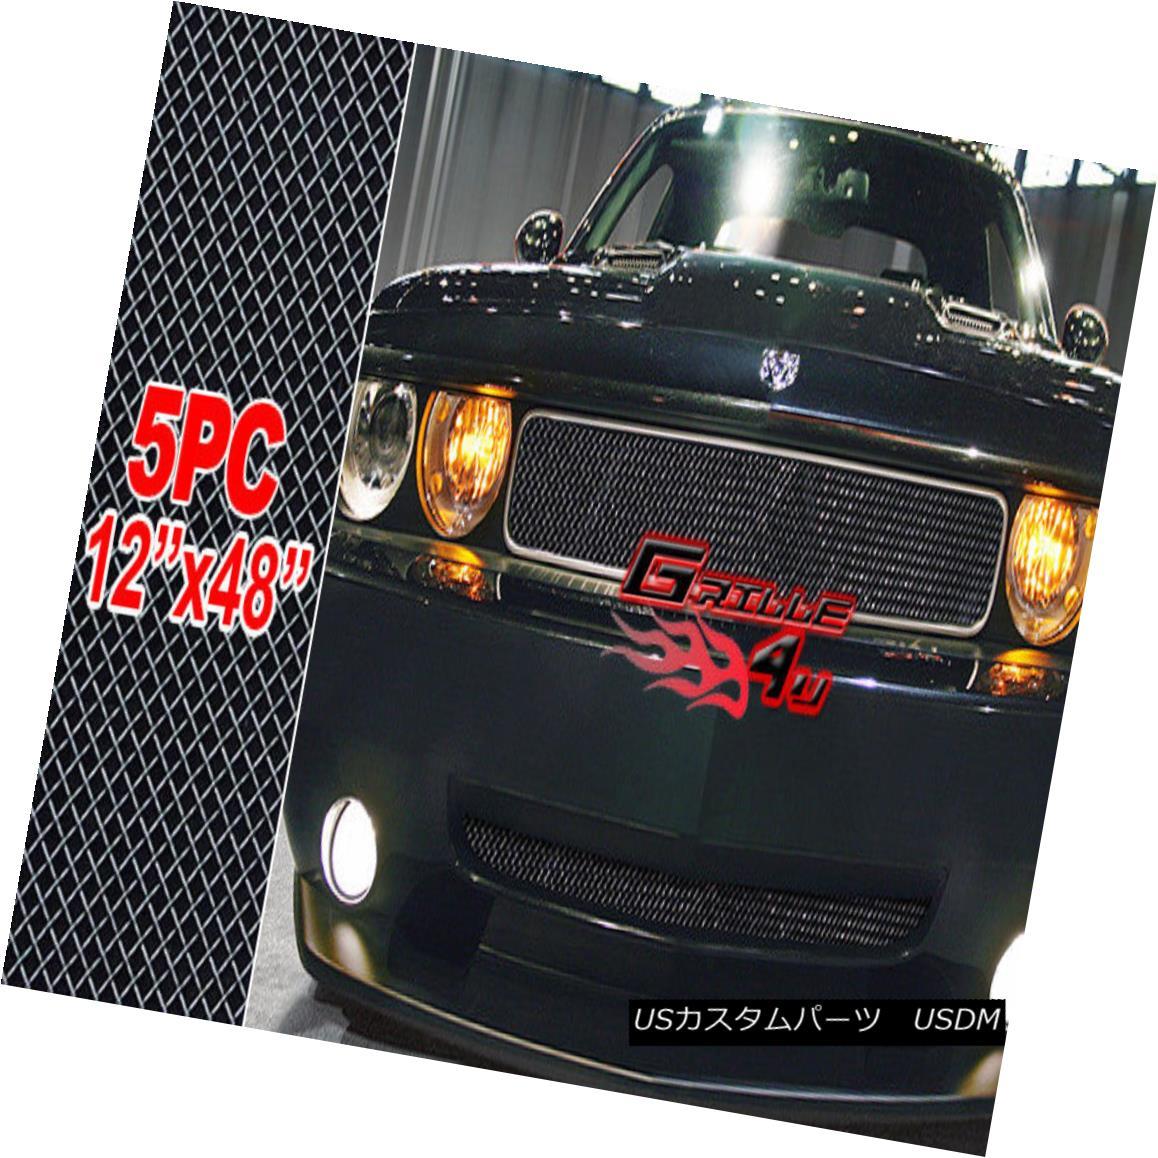 グリル For Universal Black Stainless Steel Mesh Grille 12X48 5pc ユニバーサルブラックステンレススチールメッシュグリル12X48 5個用